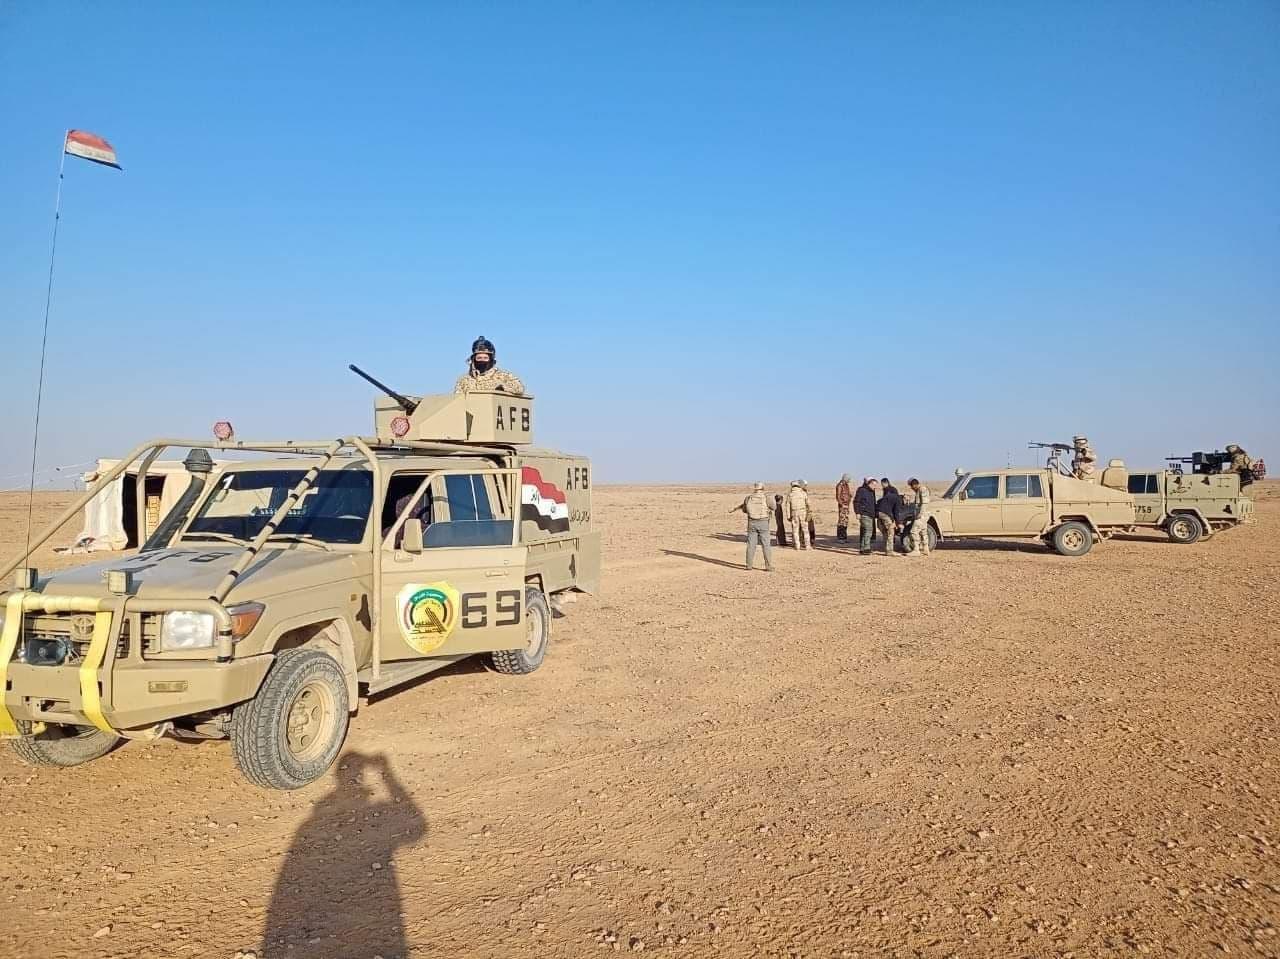 آخرین خبرها از نبرد در مهمترین پایگاه گروهک تروریستی داعش/ چرا نیروهای عراقی نمیتوانند به منطقه مرموز «حوران» نزدیک شوند؟ + نقشه میدانی و عکس